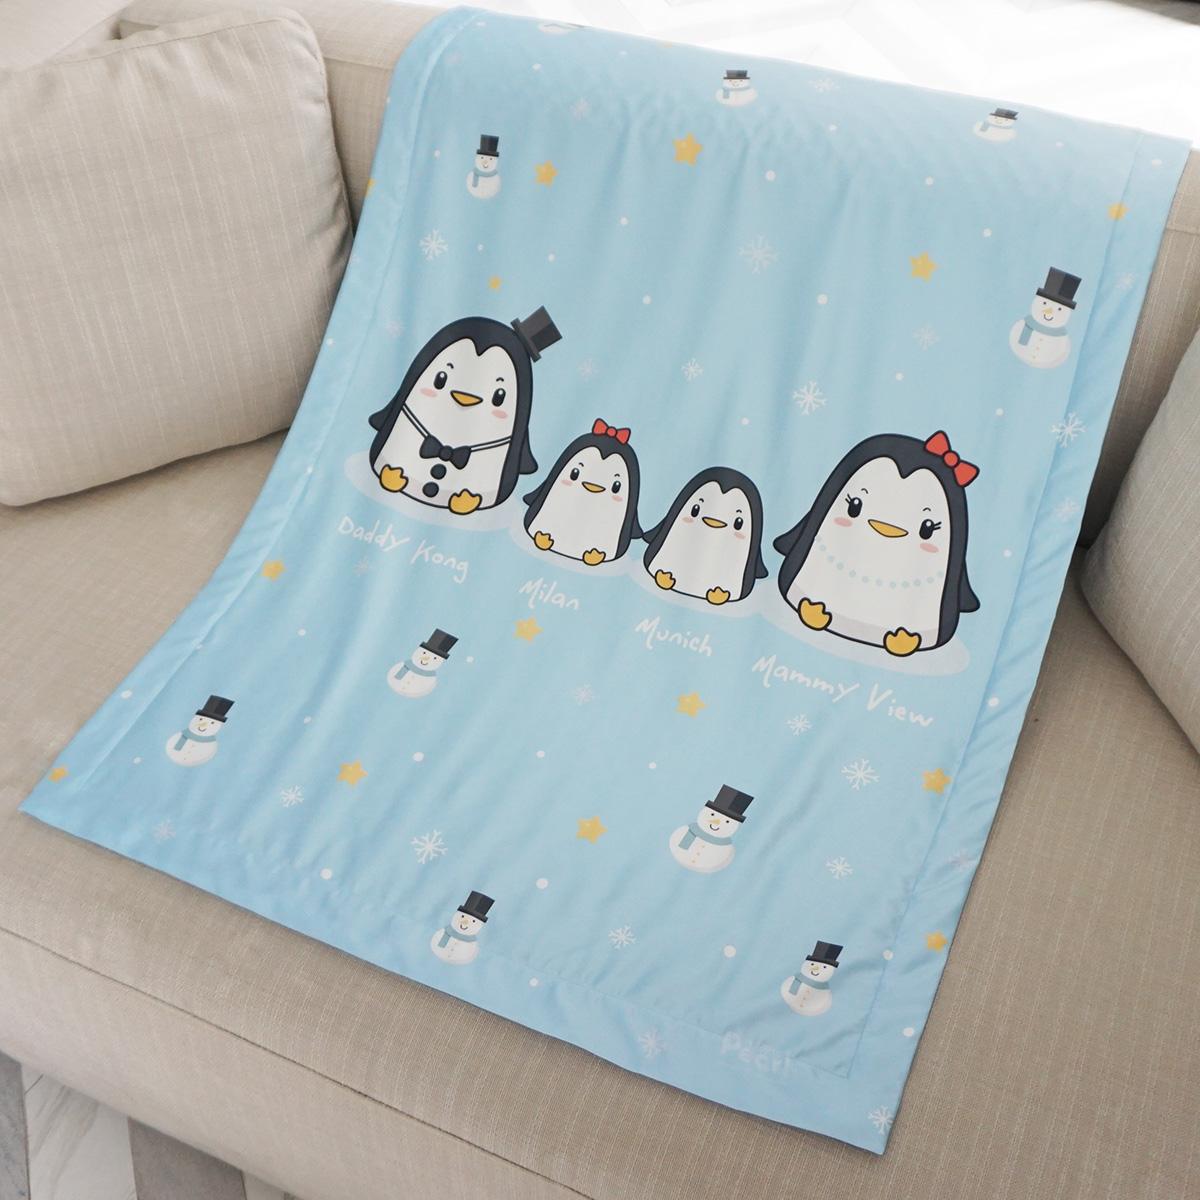 ผ้าห่มเด็ก ใส่ชื่อ ลายครอบครัวเพนกวิ้น Penguin Family - Blue